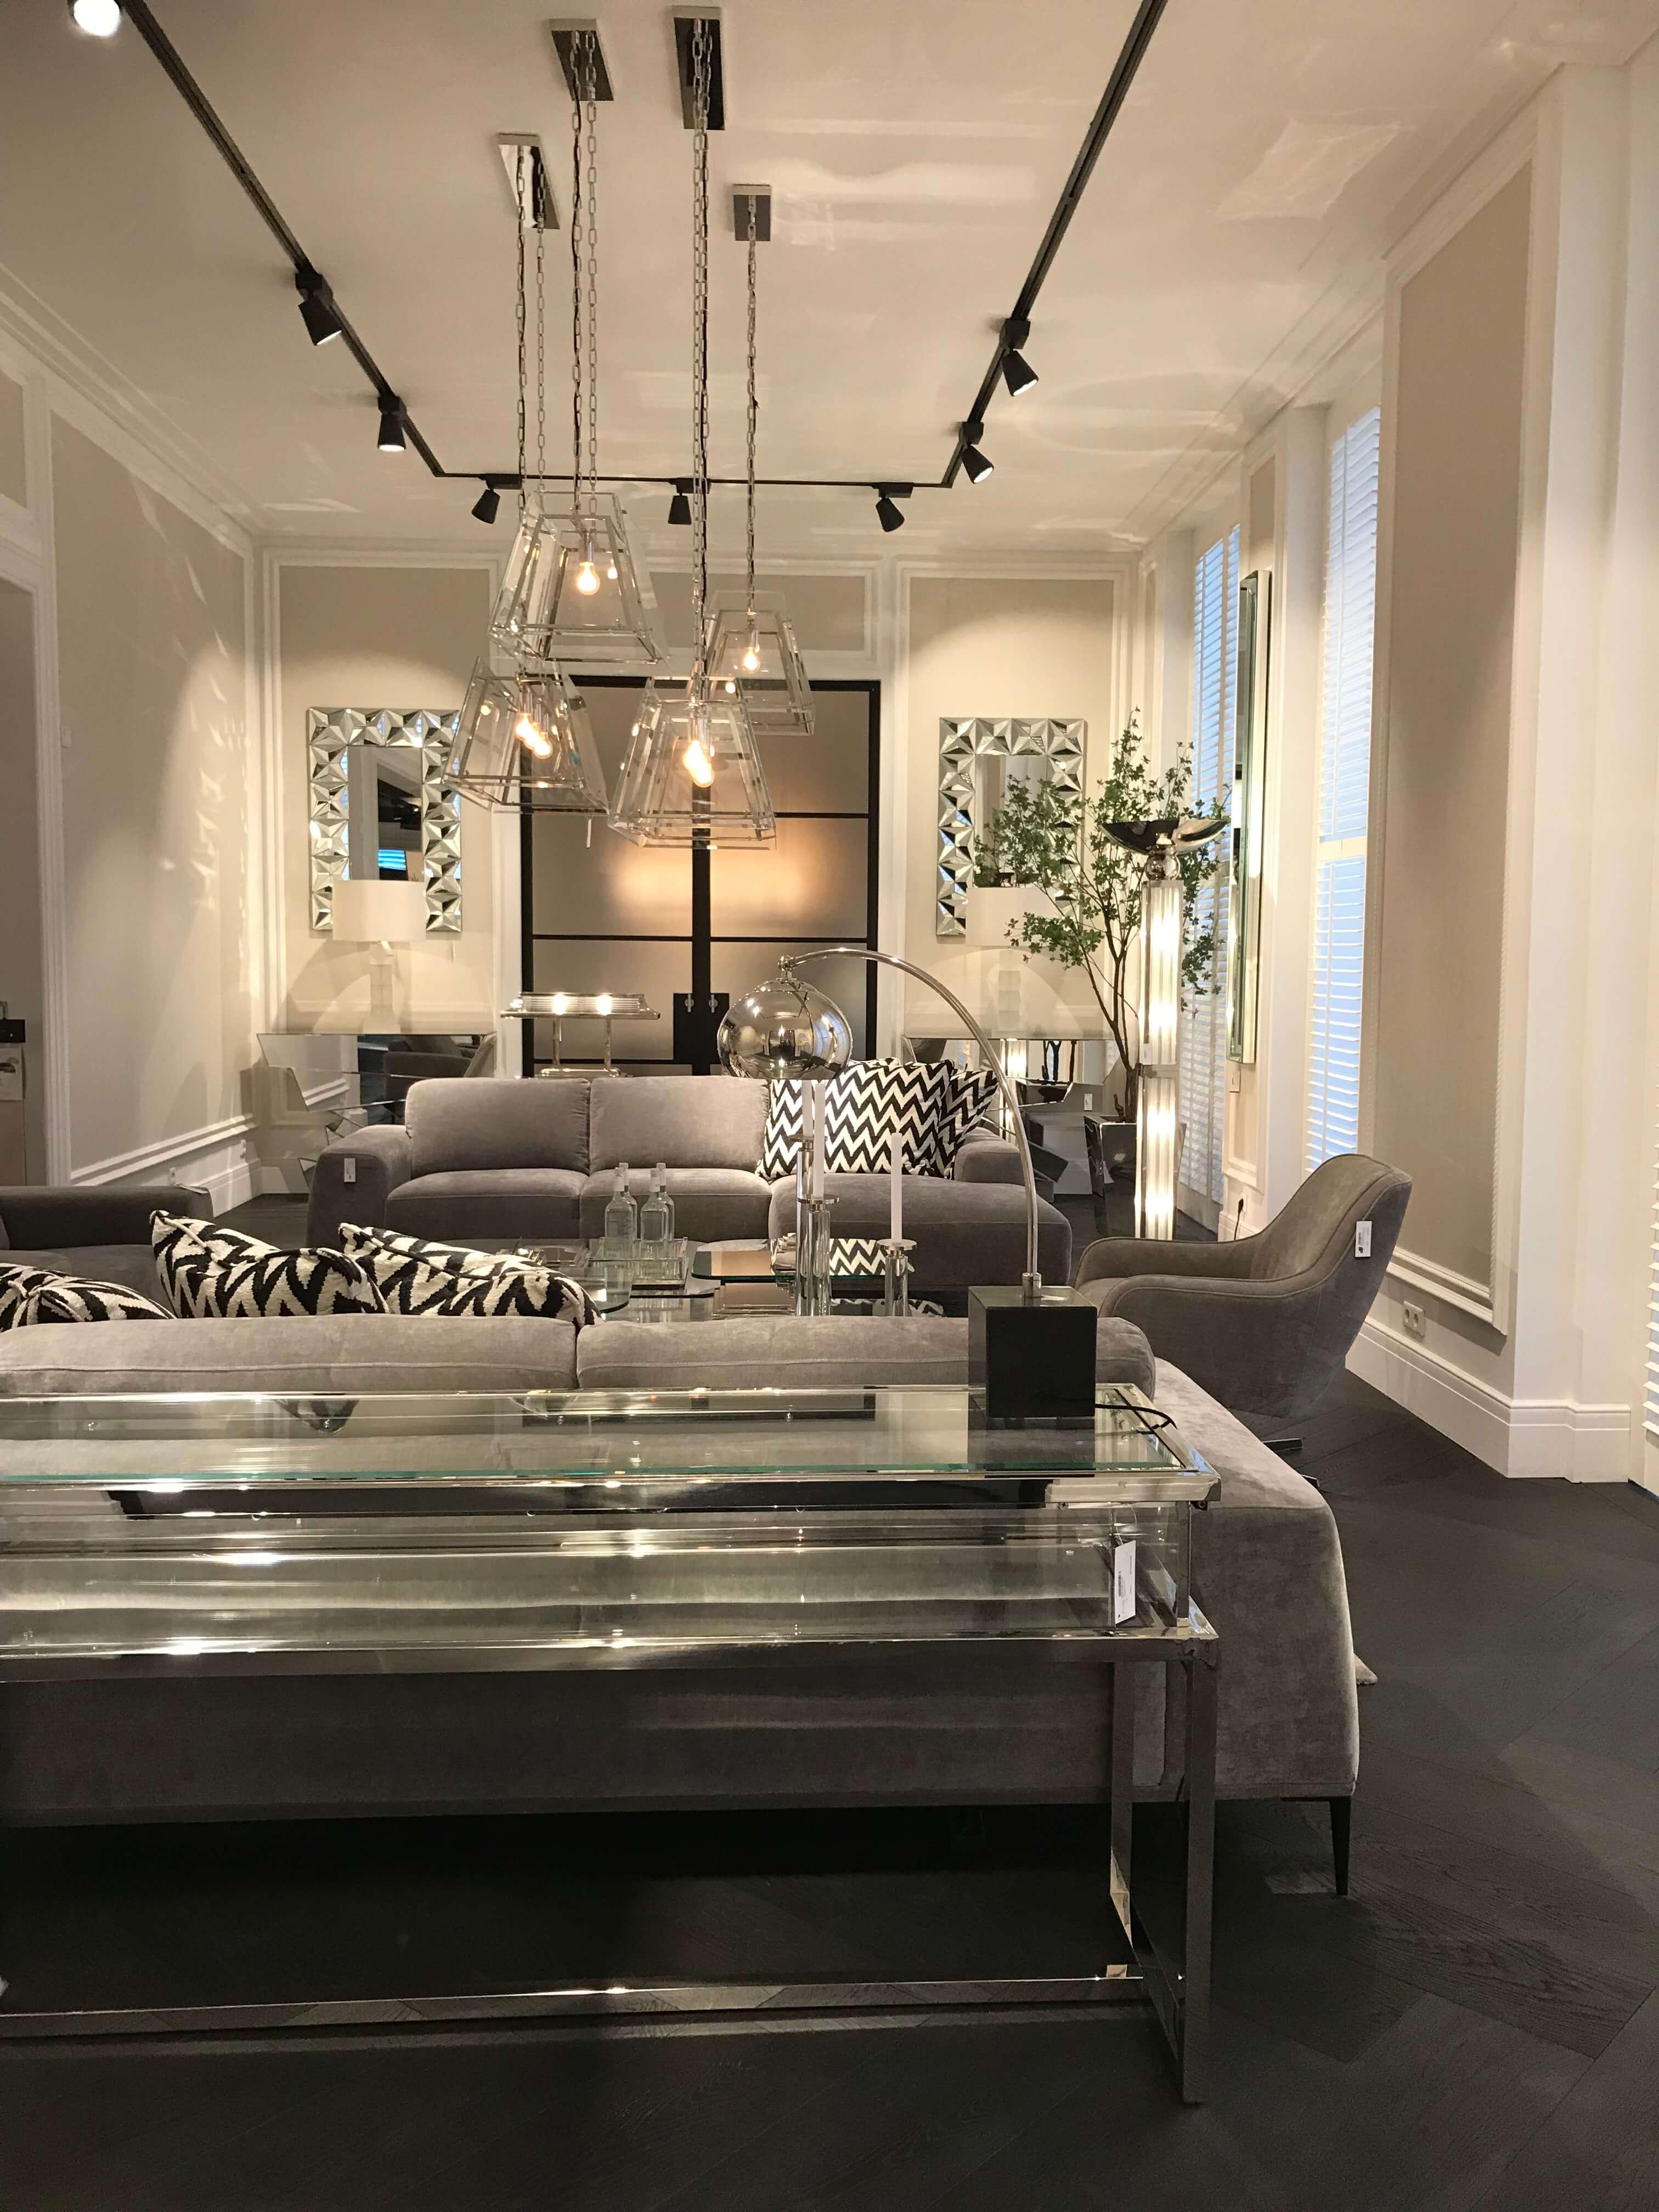 Zurückhaltend In Gedeckten Tönen Zeigt Sich Diese Kombination Der Luxus  Möbel In Einem Wohnzimmer